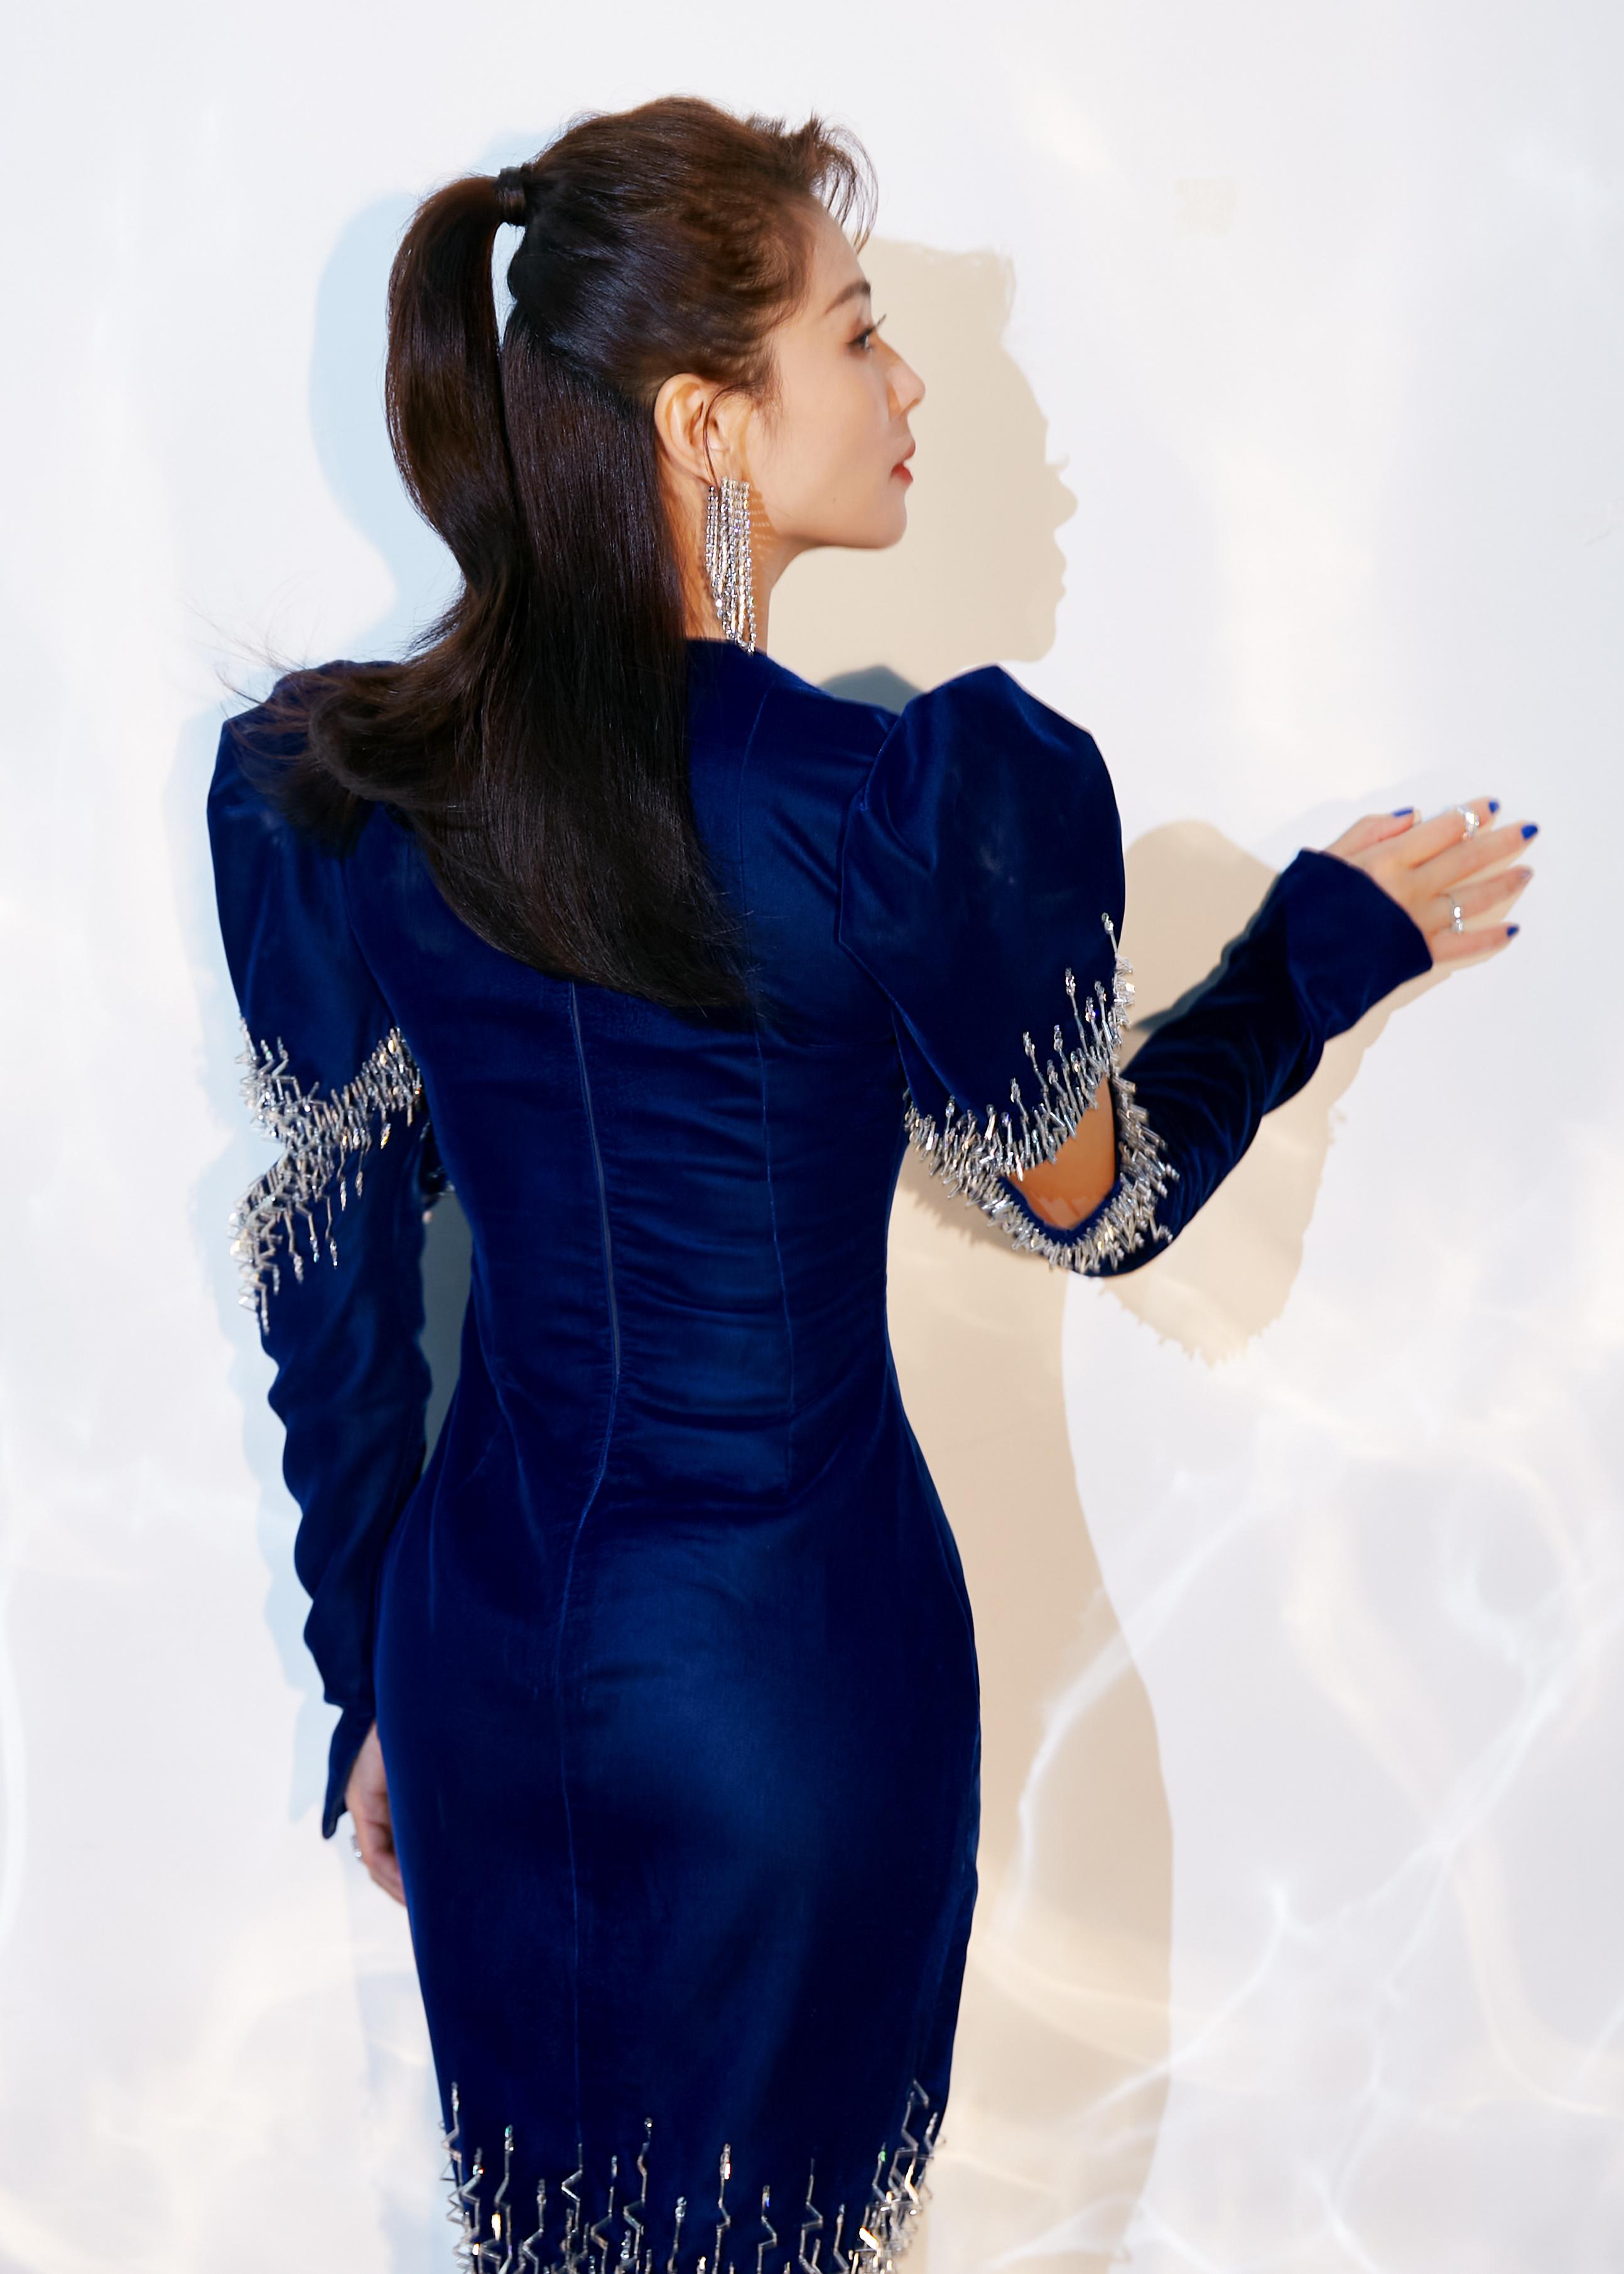 刘涛幽蓝色光影大片美艳动人 穿闪钻剪裁质感礼服身材太赞,